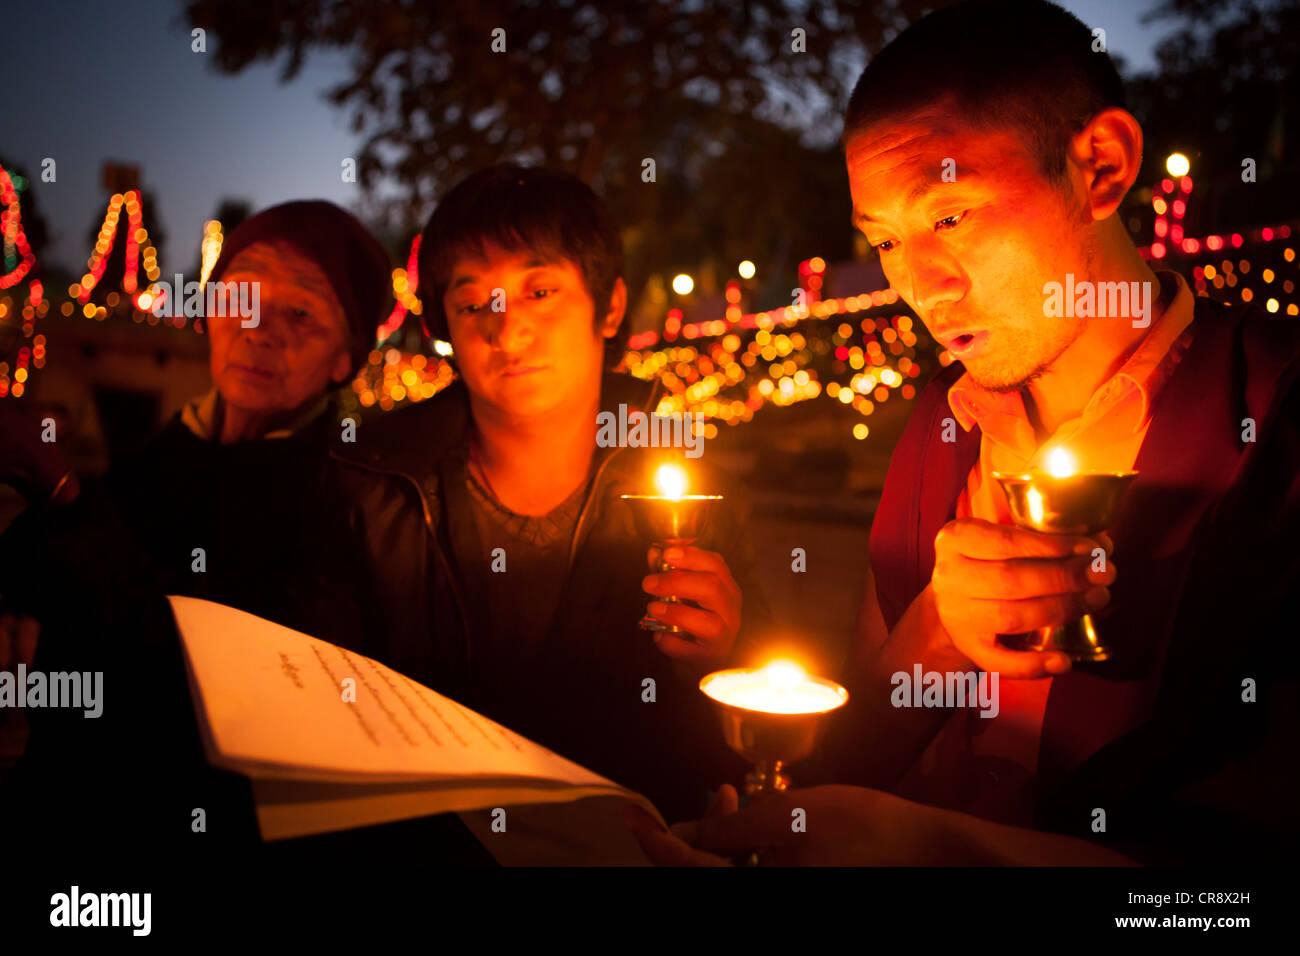 Los monjes budistas y rezar con lámpara de aceite por la noche , Templo Mahabodhi, Bodh Gaya, Bihar, India Imagen De Stock